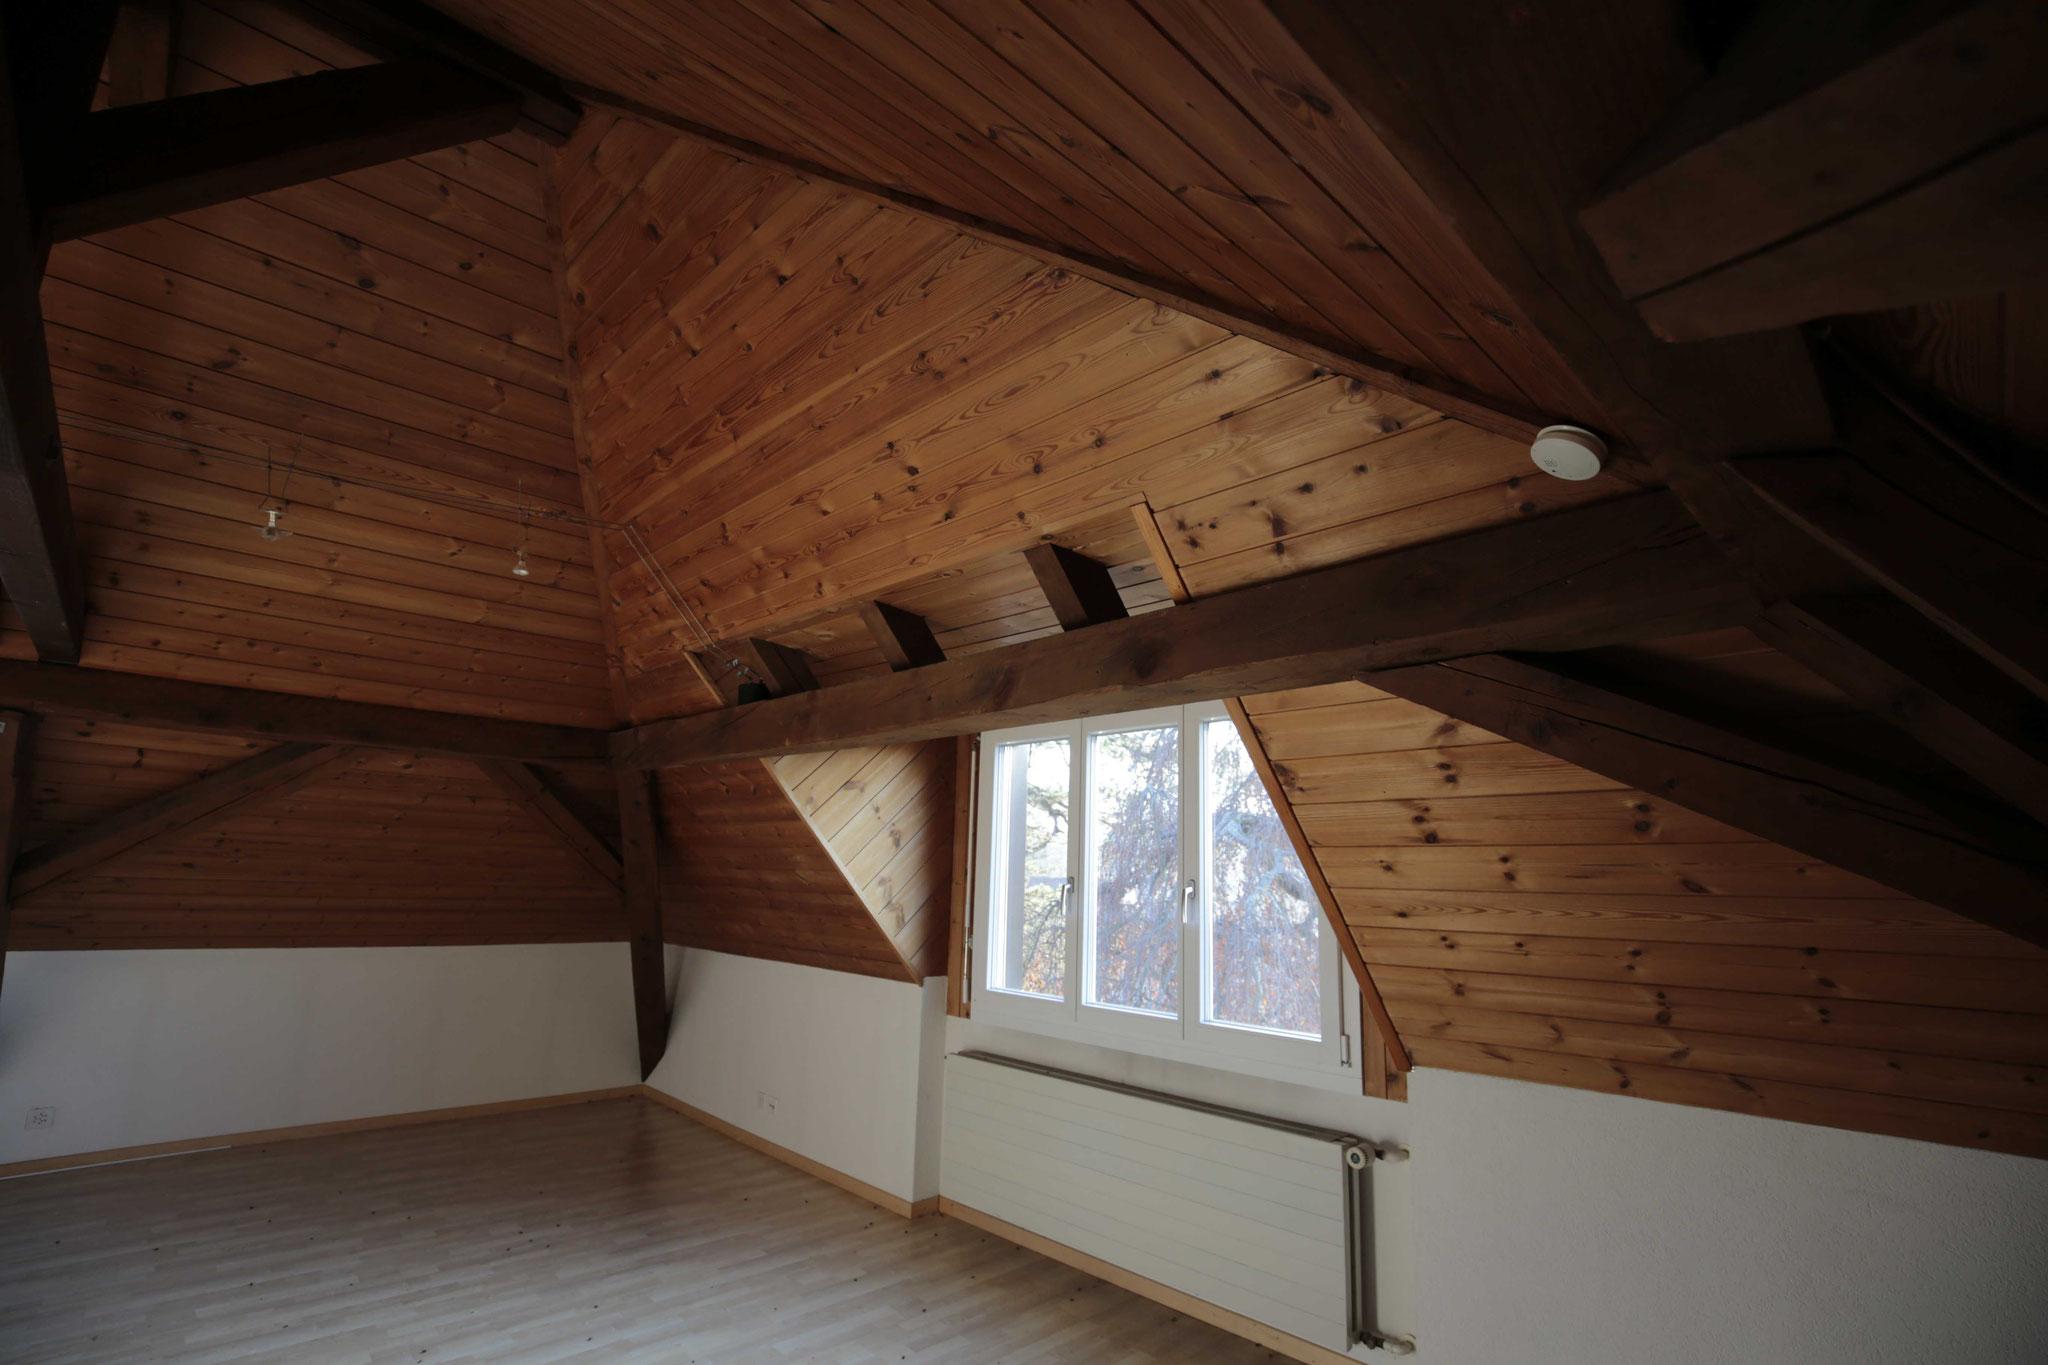 Wohnzimmer mit schönem Gebälk und abgeschrägter Decke